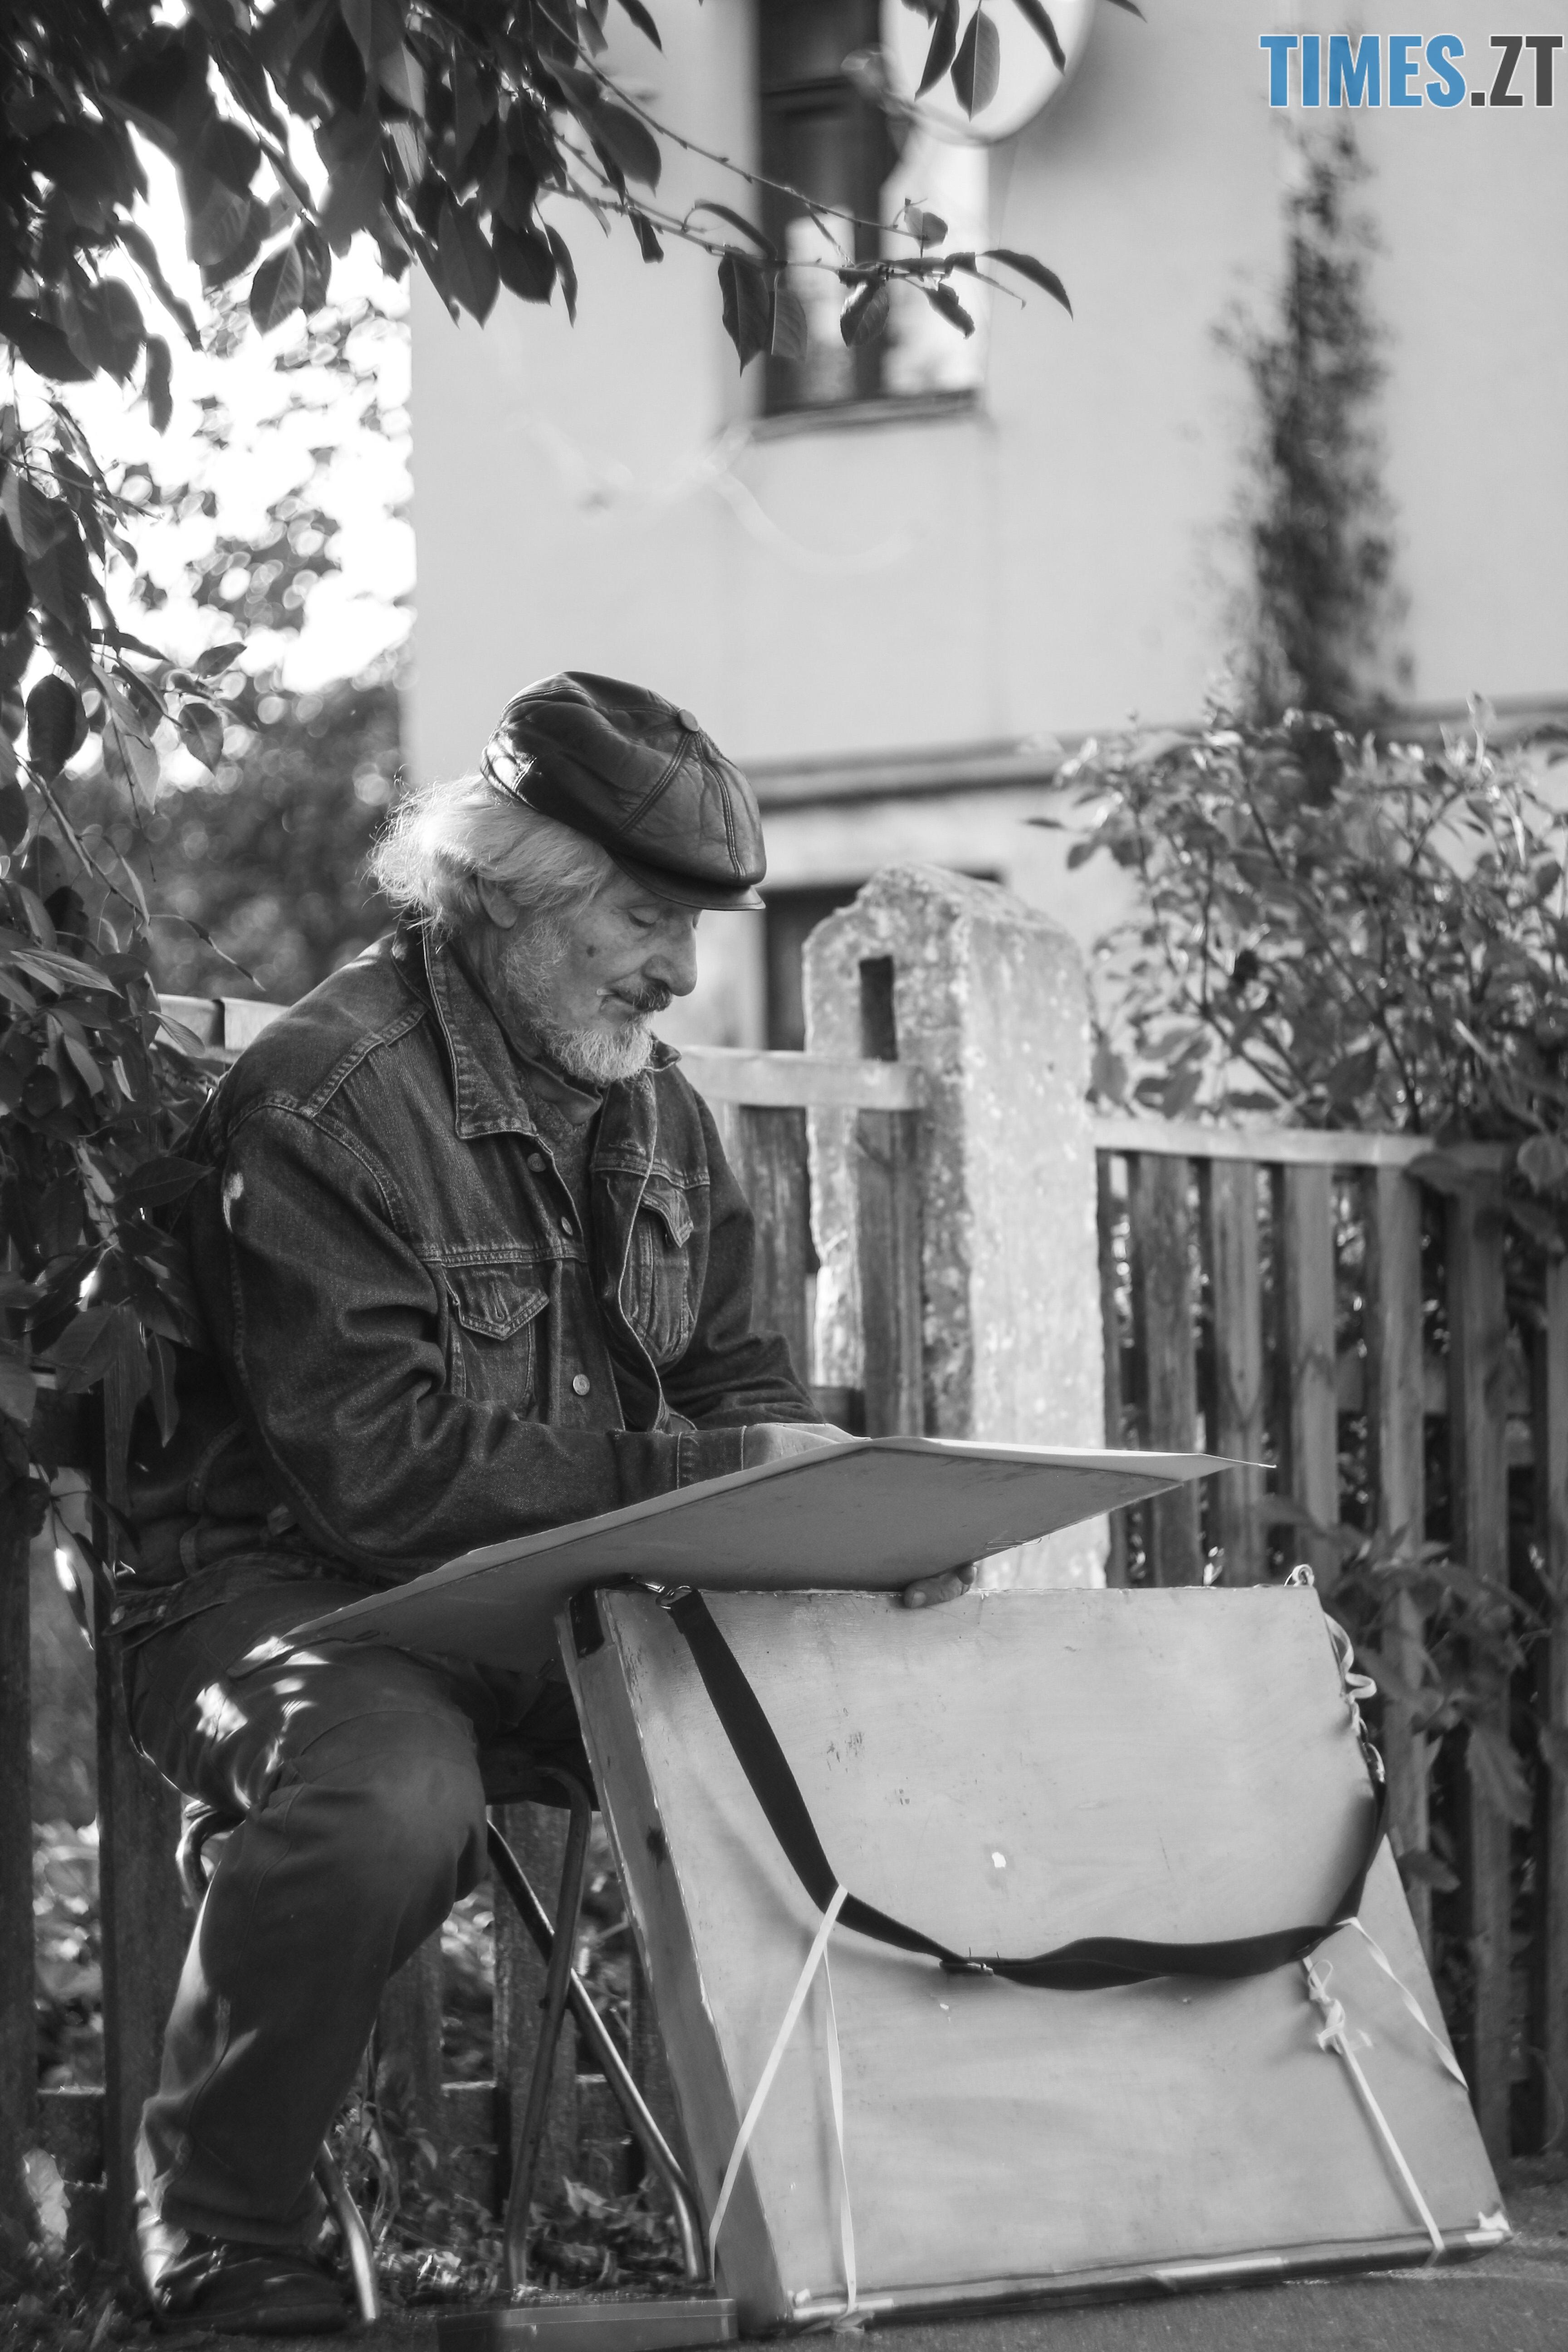 IMG 0963 - Старість чи її відчуття: звичайні будні житомирян поважного віку (ФОТОРЕПОРТАЖ)